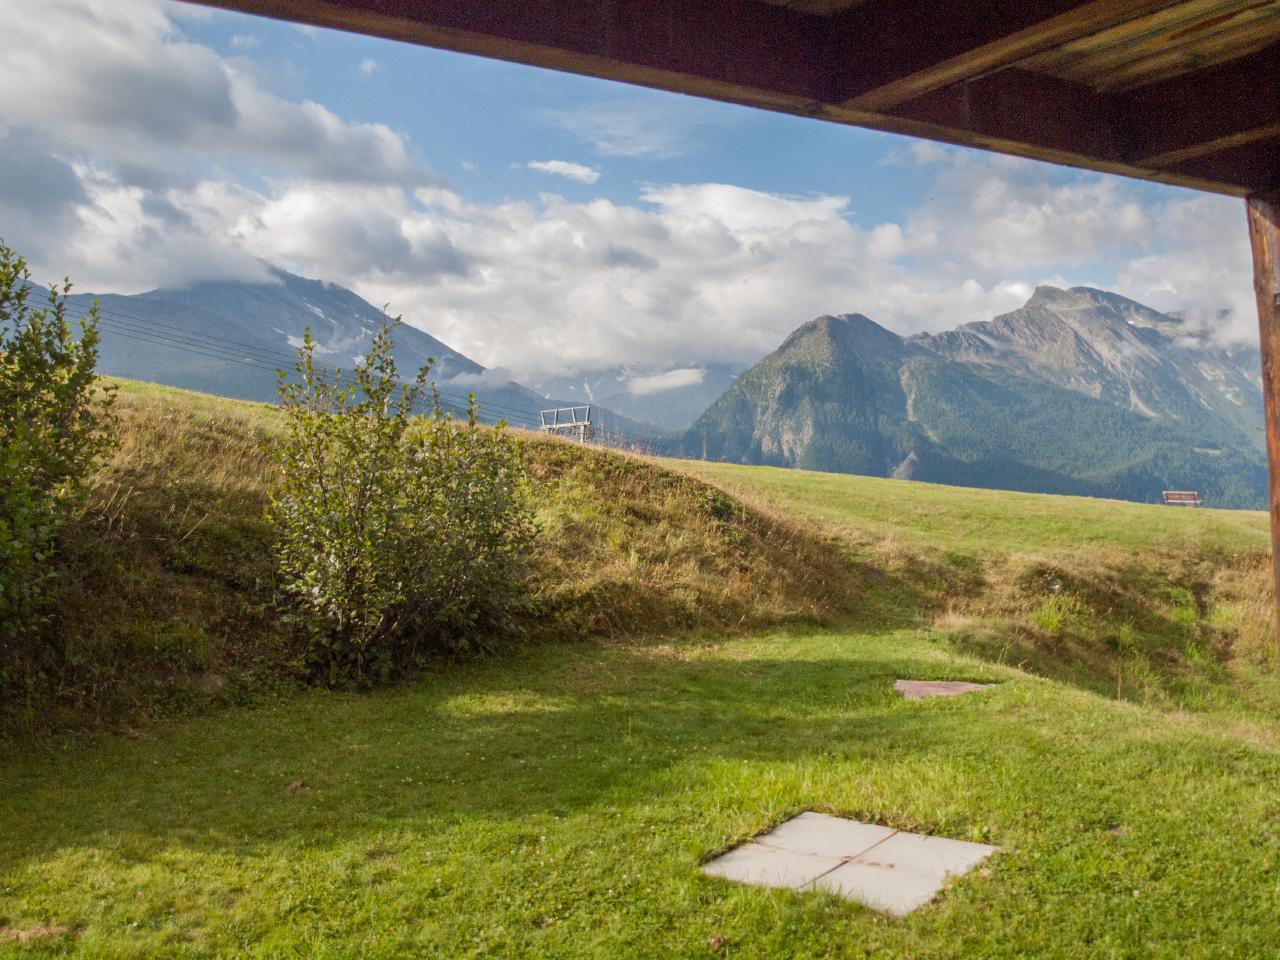 Ferienwohnung Chalet Allegra | Ferienwohnung in den Alpen (2245630), Rosswald, Brig - Simplon, Wallis, Schweiz, Bild 23